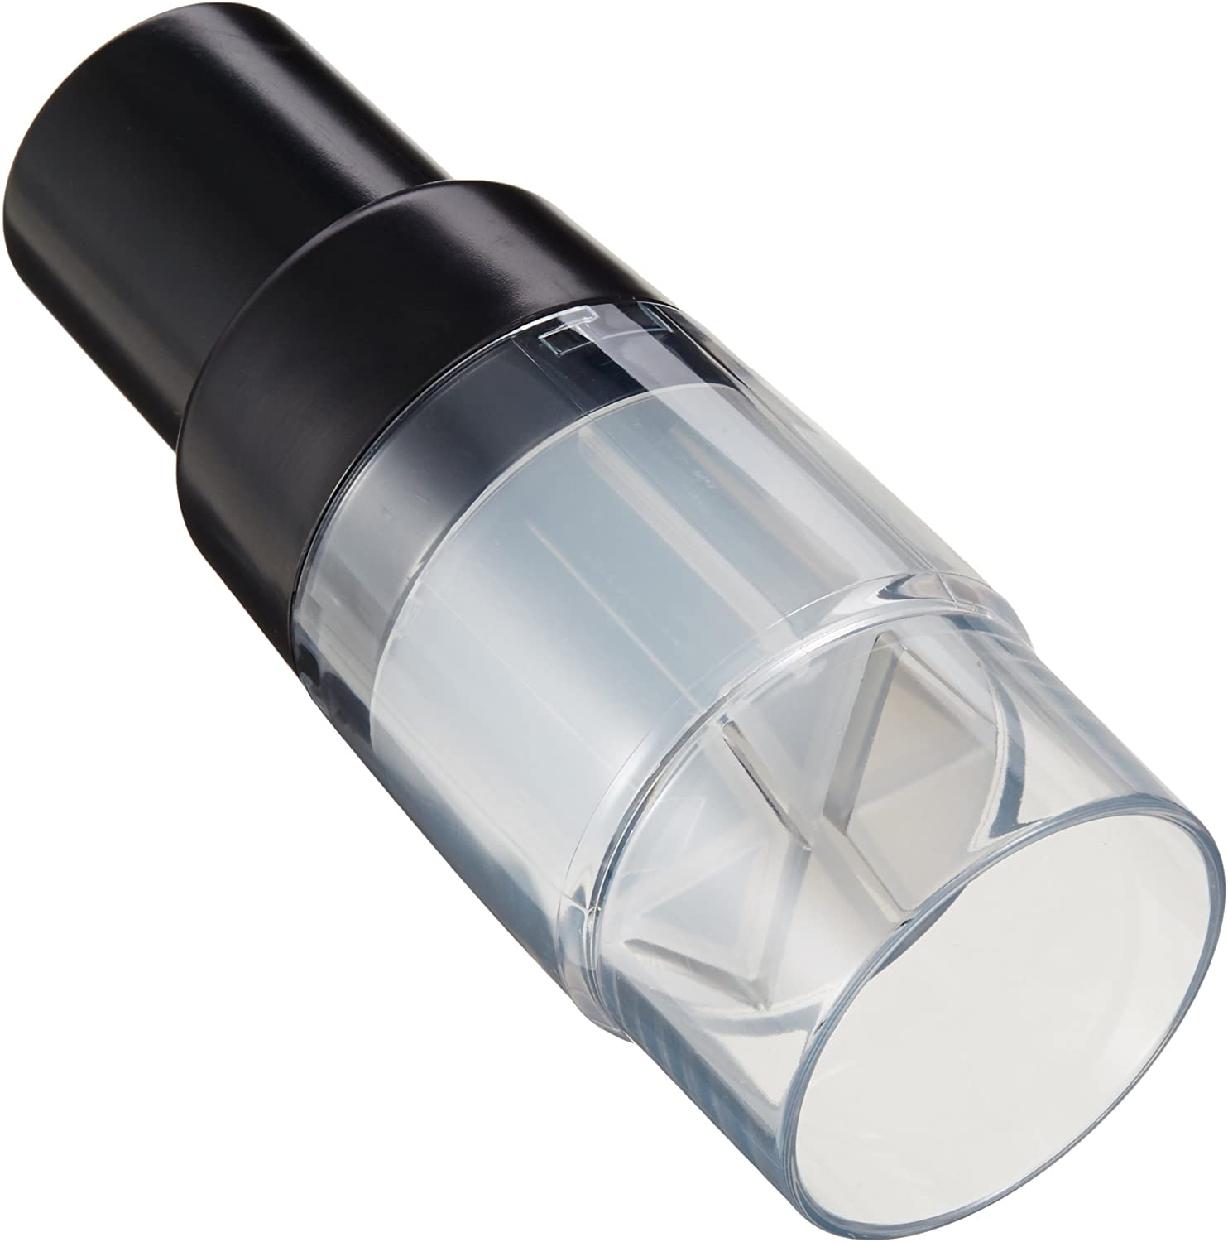 エムワンプレカット チョッパー H0005 ブラックの商品画像2